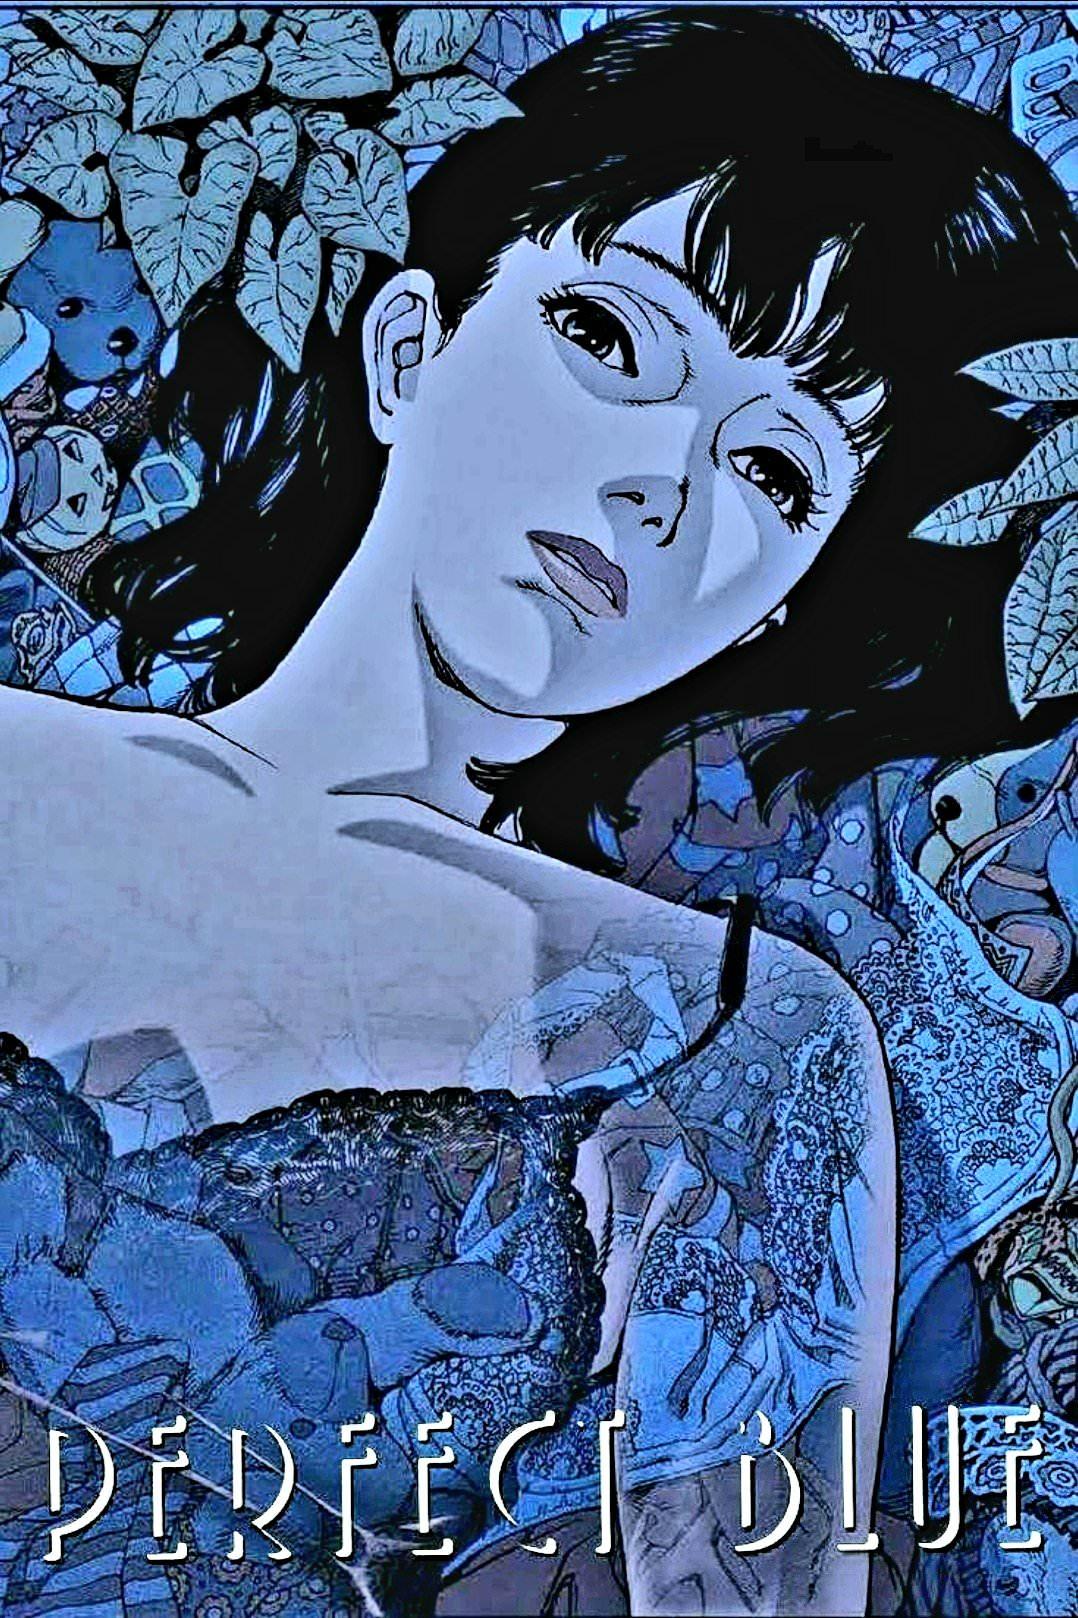 電影【藍色恐懼】人生必看經典動畫,今敏成名作相隔20年依然驚悚人心 PERFECT BLUE 數位修復版